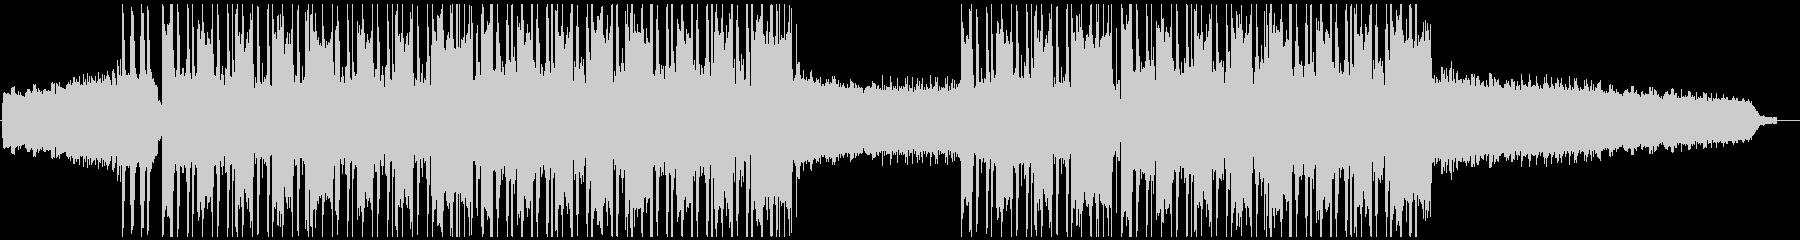 スタイリッシュなエレクトロニックヒップホの未再生の波形